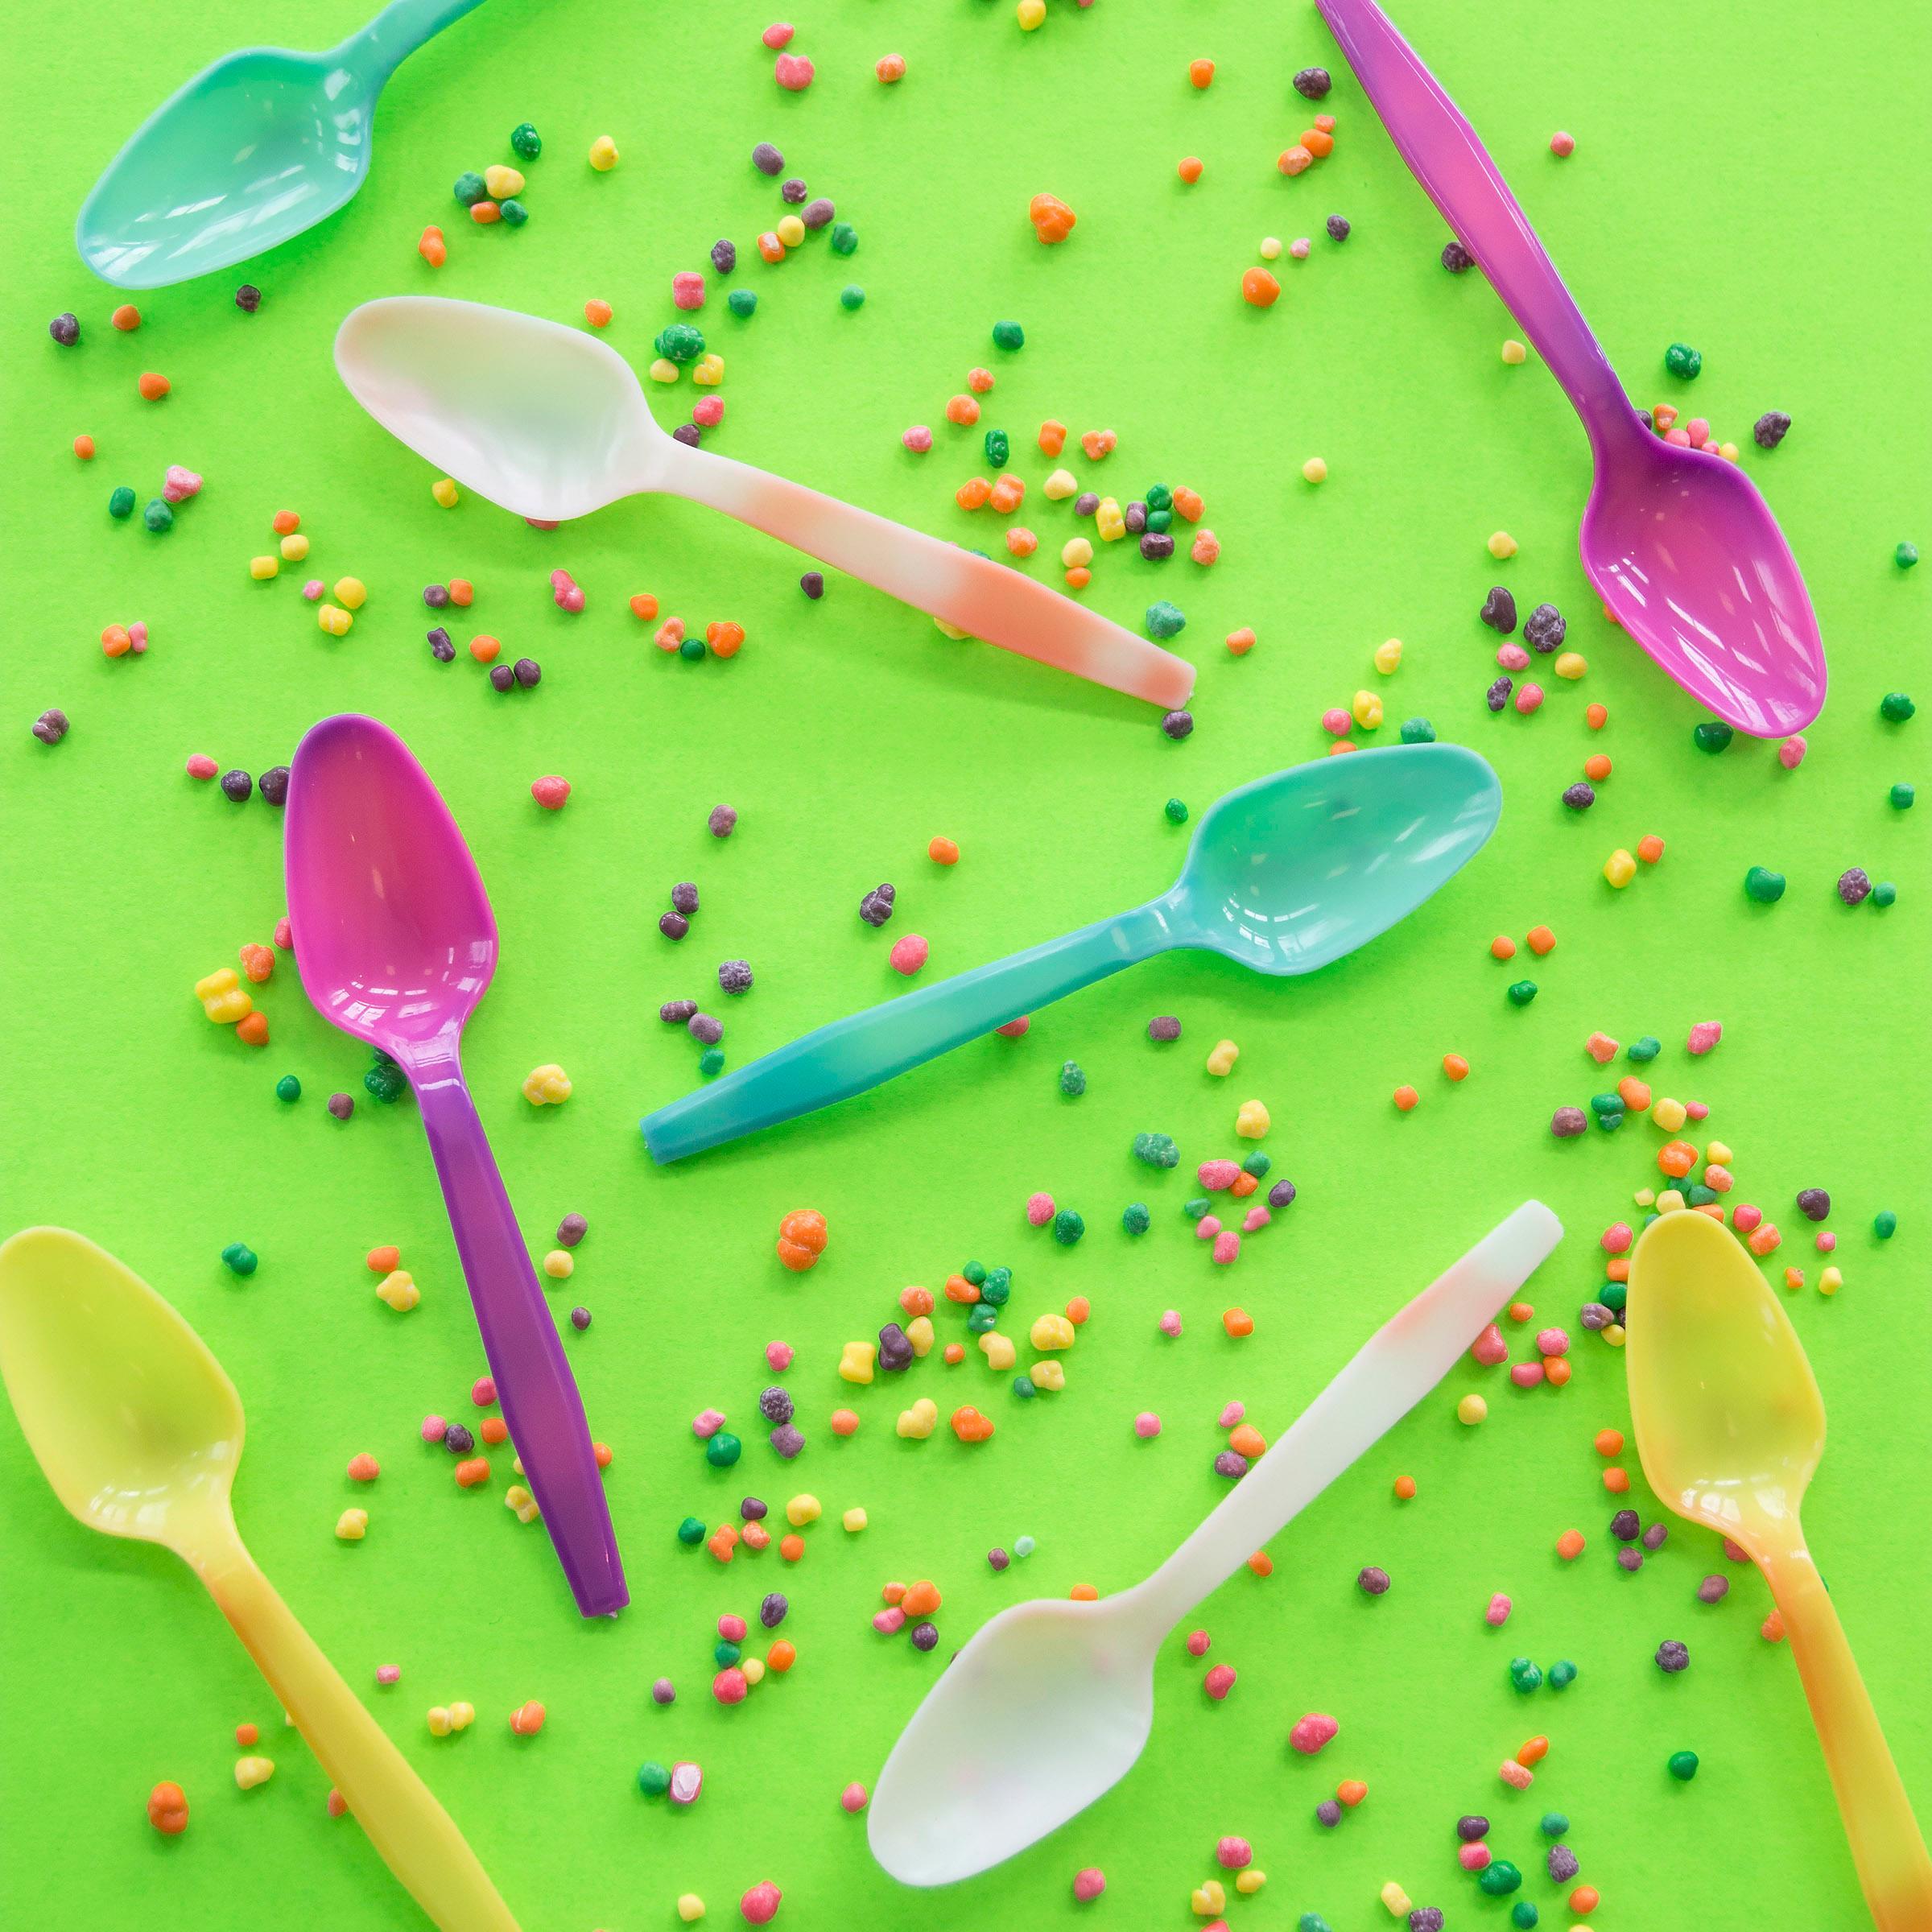 Magicspoons1.jpg